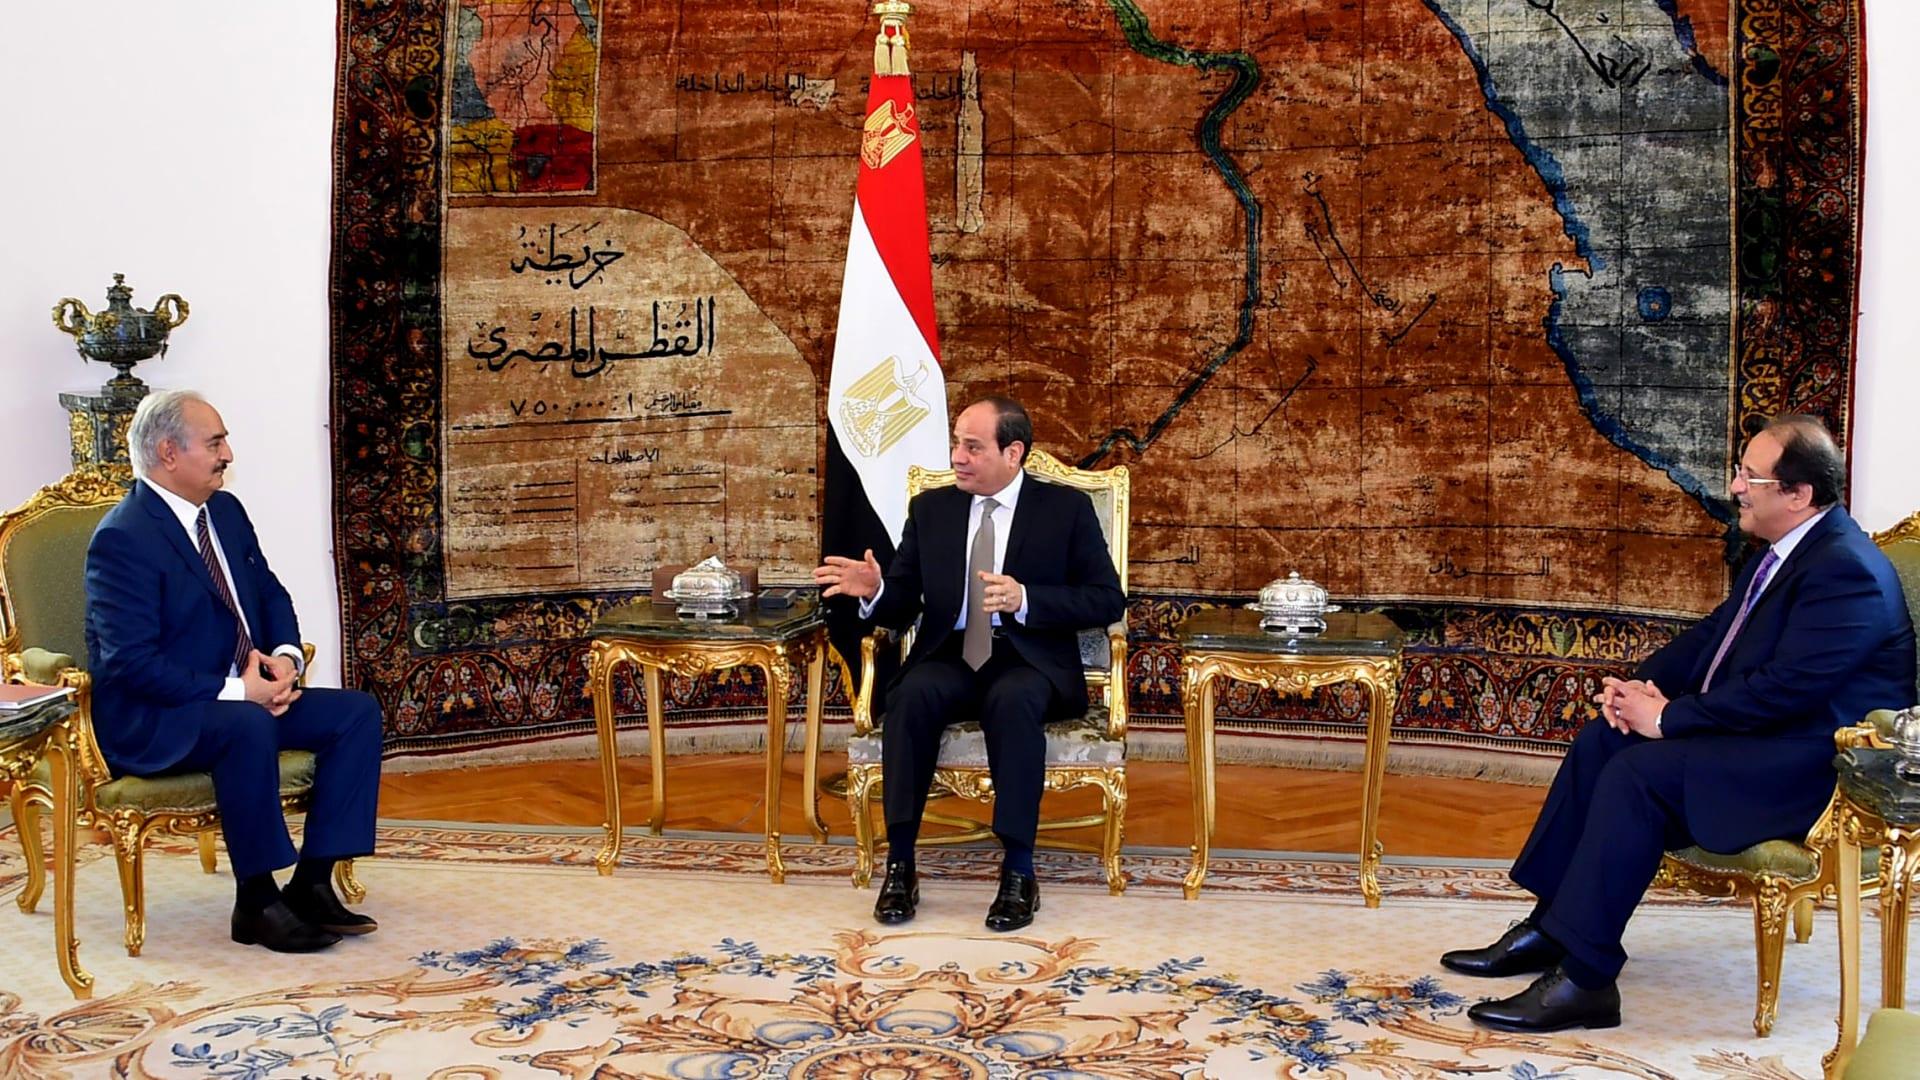 مصر تدافع عن شرعية تدخلها في ليبيا وترد على تركيا: نواجه التطرف الذي جُلب من سوريا